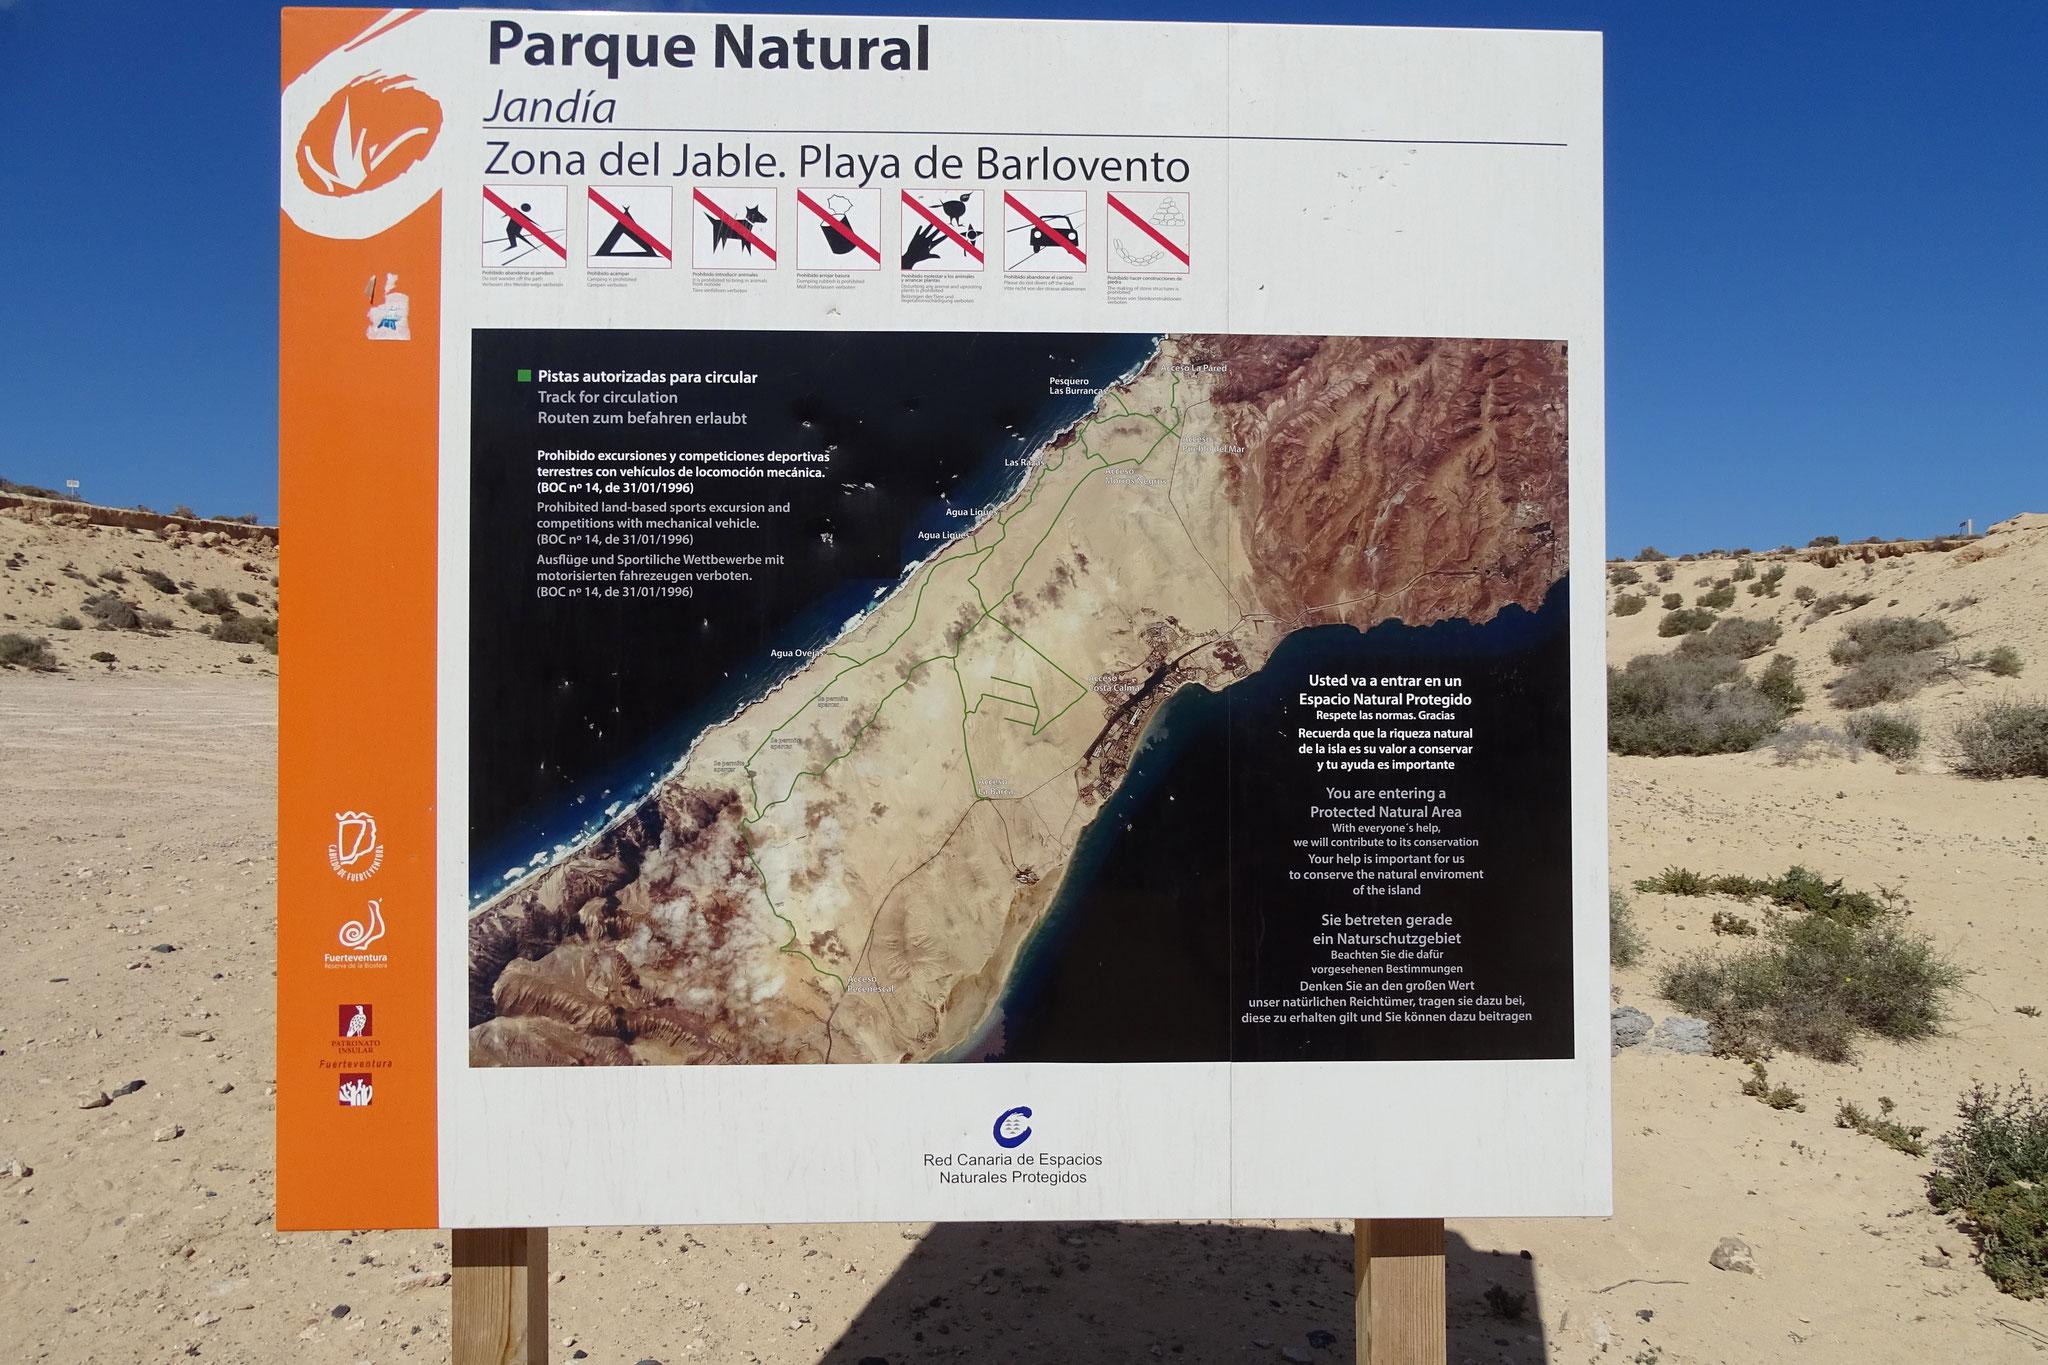 ... einem Naturreservat, das von einigen befahrbaren Wegen (grün) durchzogen ist